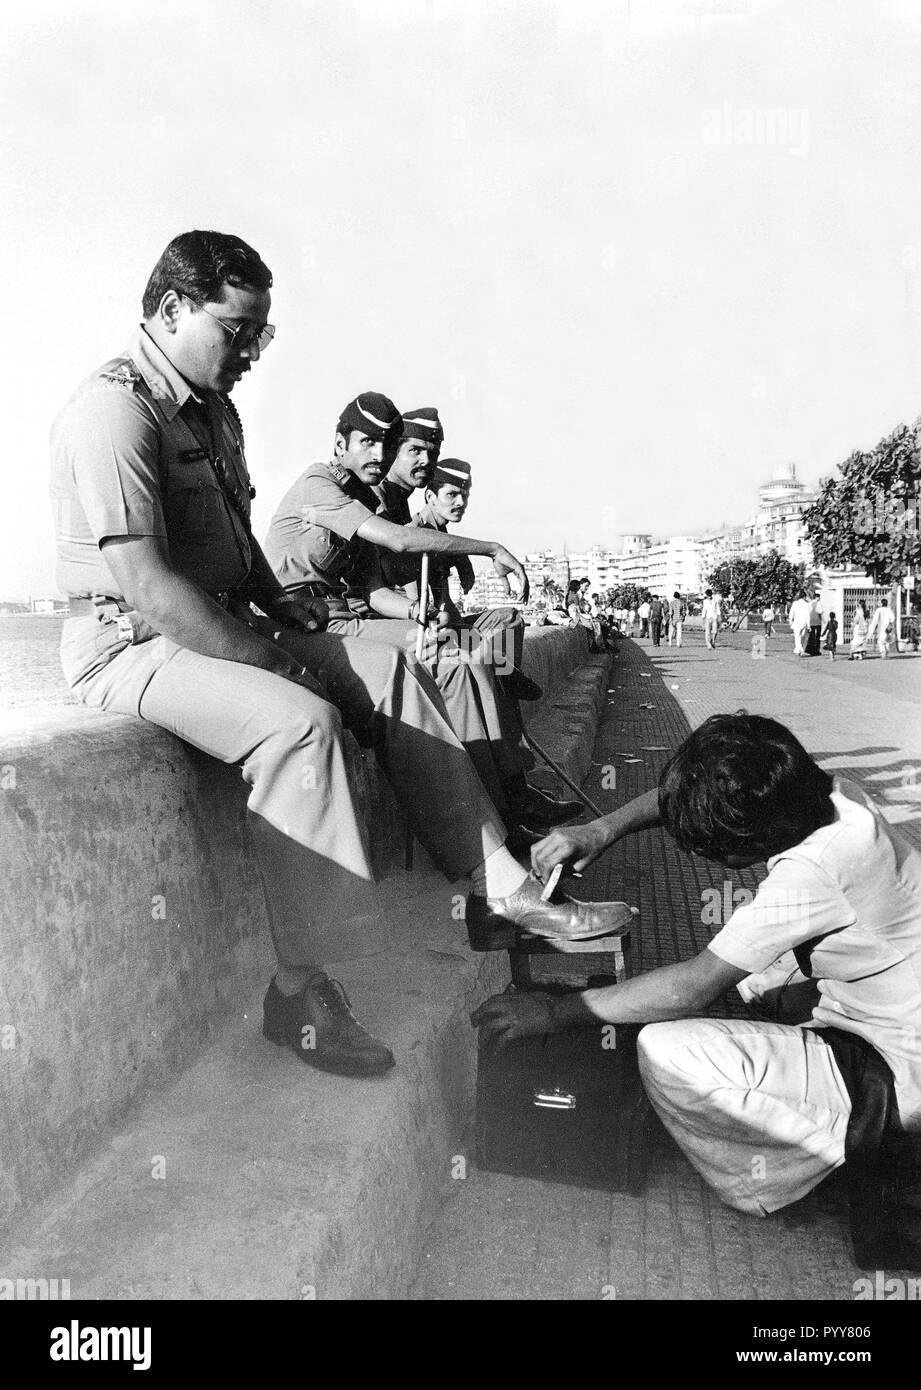 Police officer getting shoe polished, Mumbai, Maharashtra, India, Asia 1900s - Stock Image